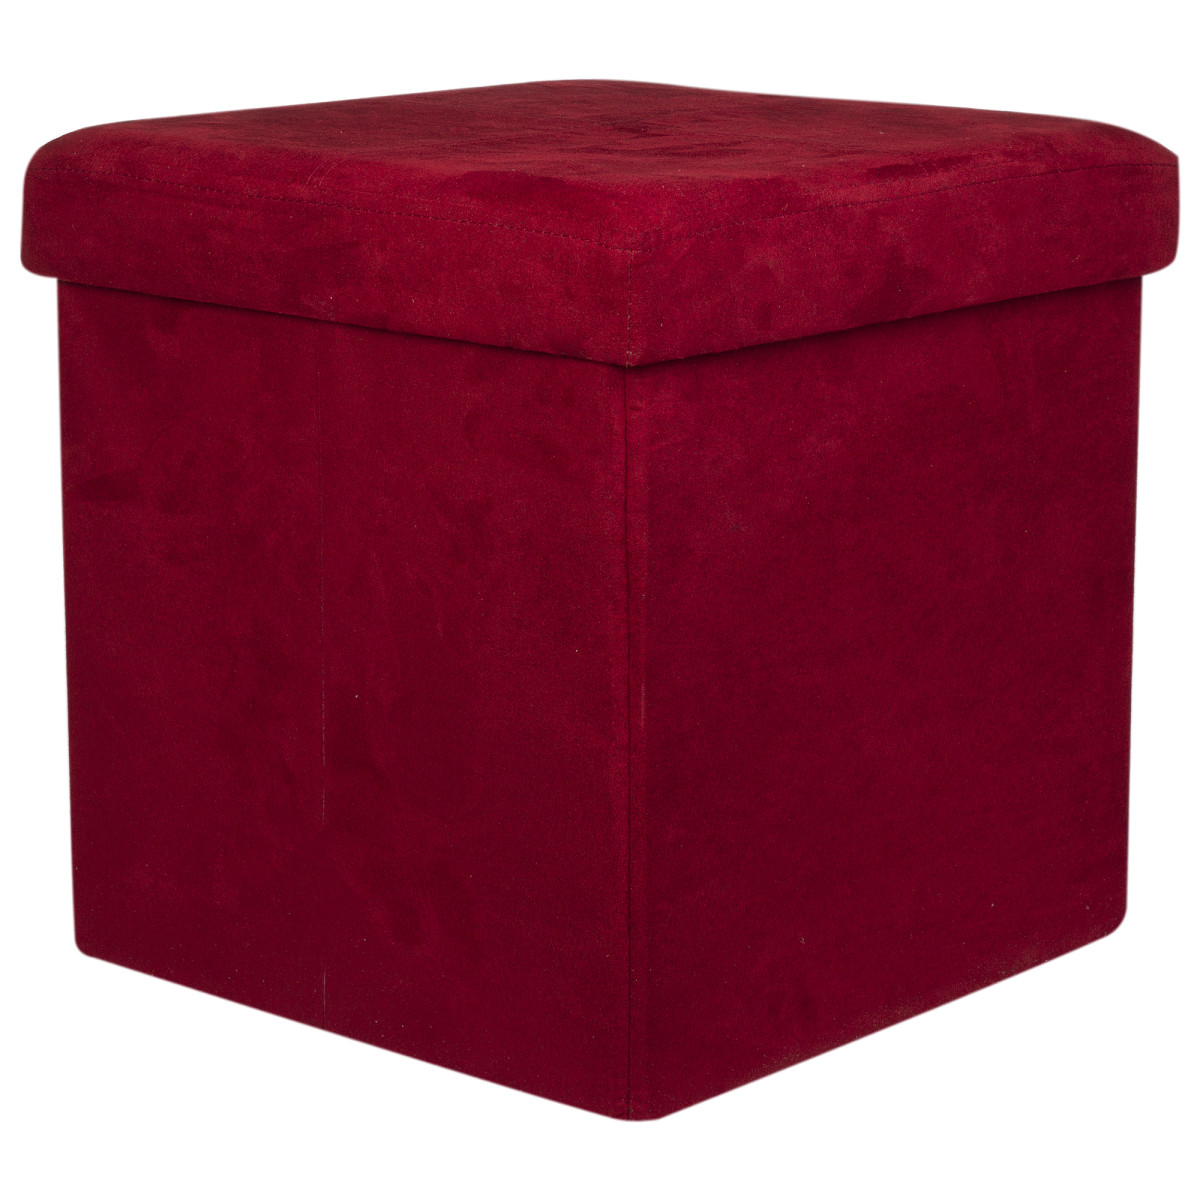 Короб Hausmann для хранения 38x38x38 см цвет бордовый